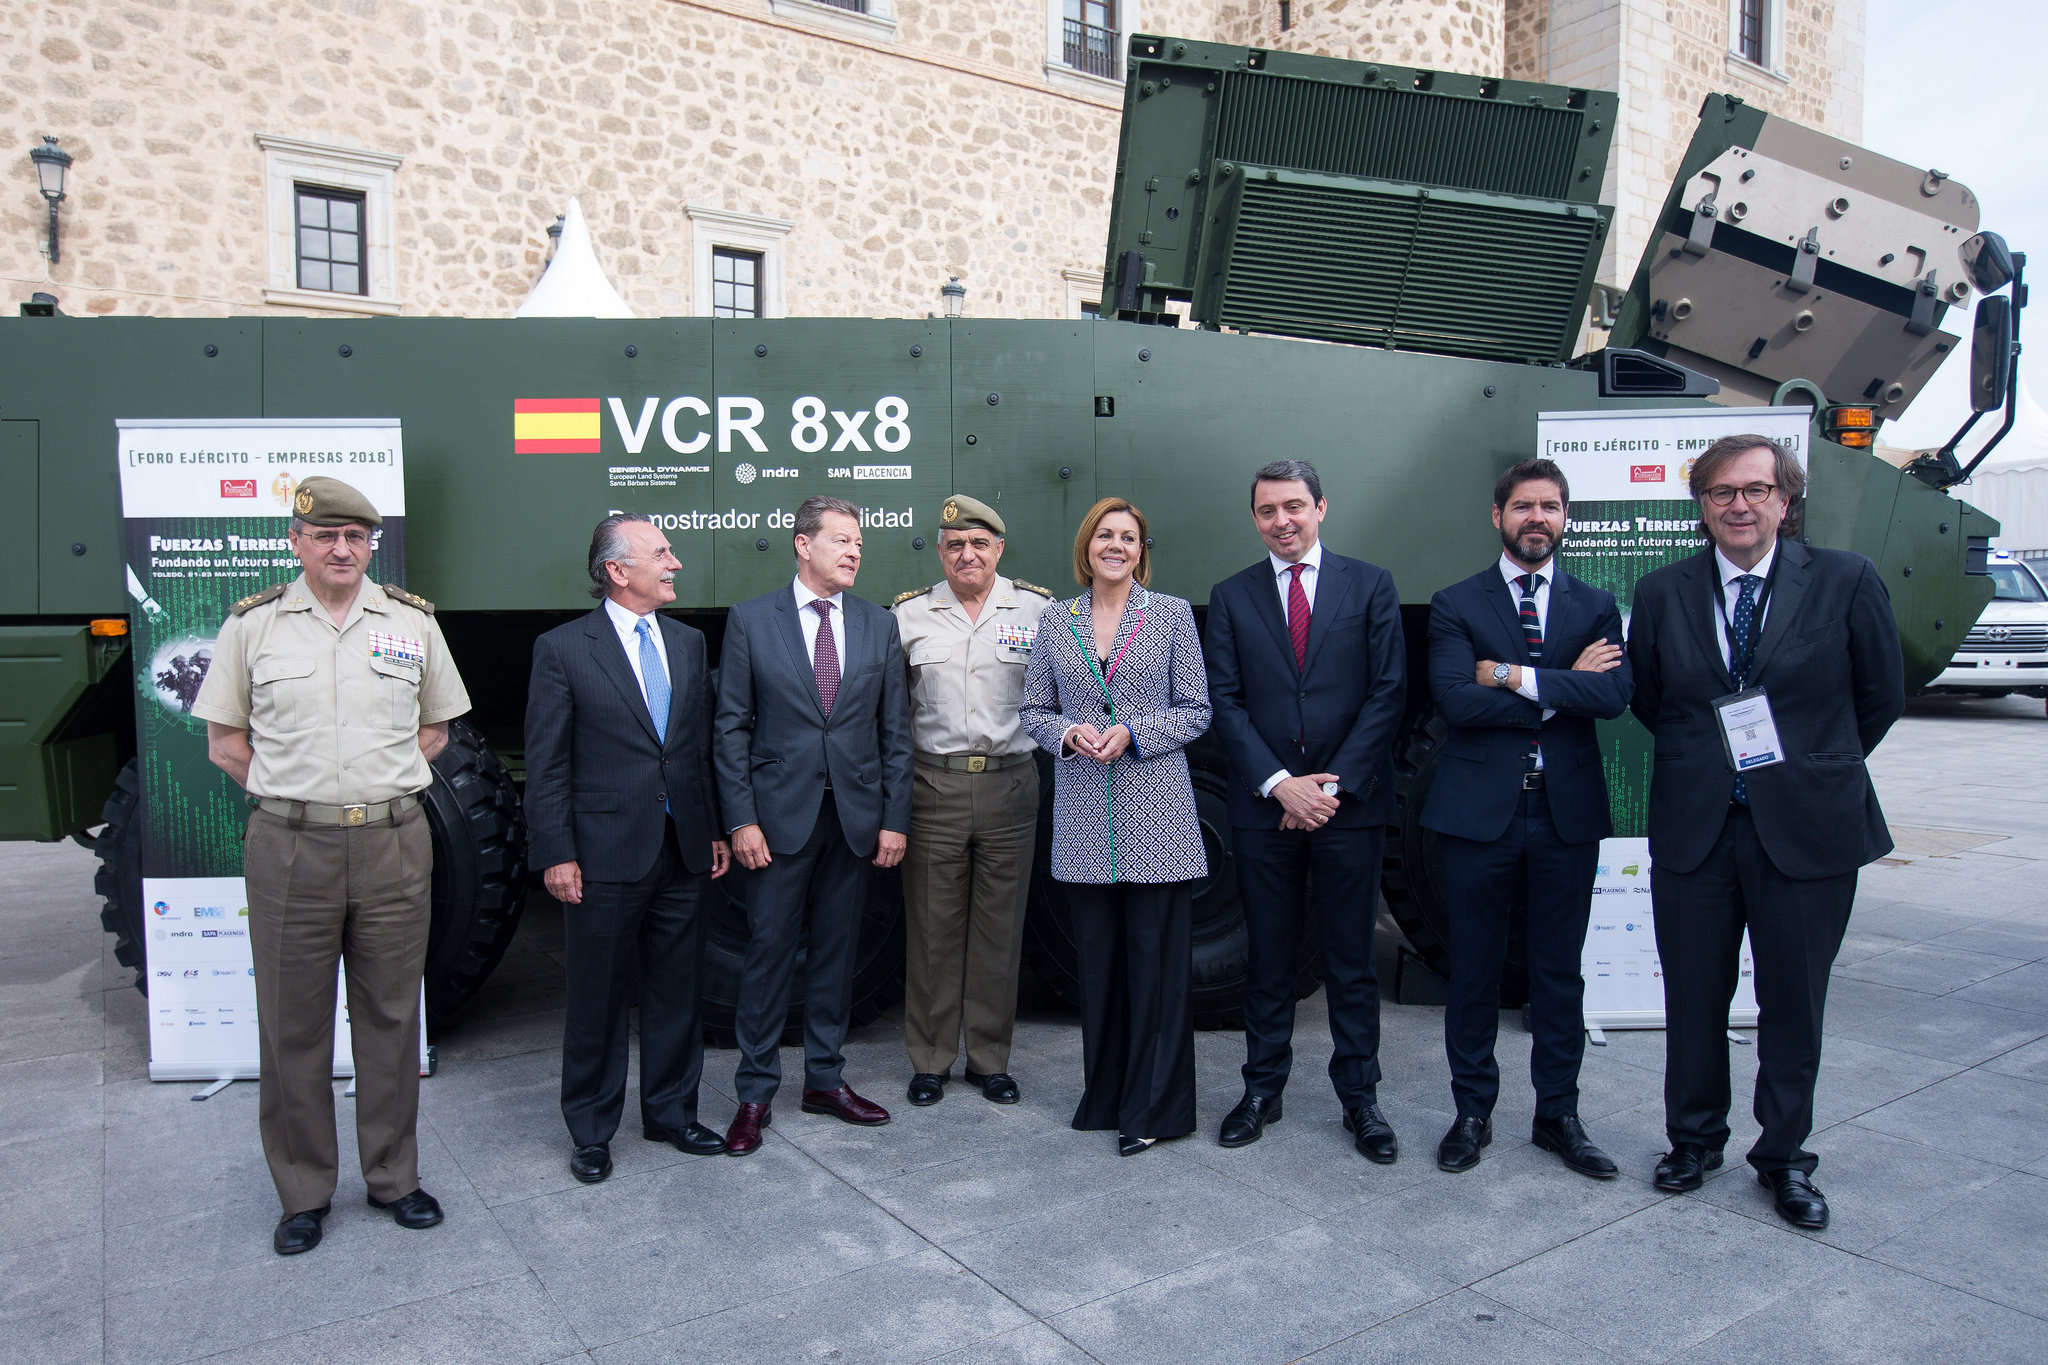 Презентация первого опытного образца-демонстратора перспективного испанского бронетранспортера VCR 8х8 (на основе Piranha V) руководству министерства обороны и вооруженных сил Испании. Толедо, 23.05.2018.